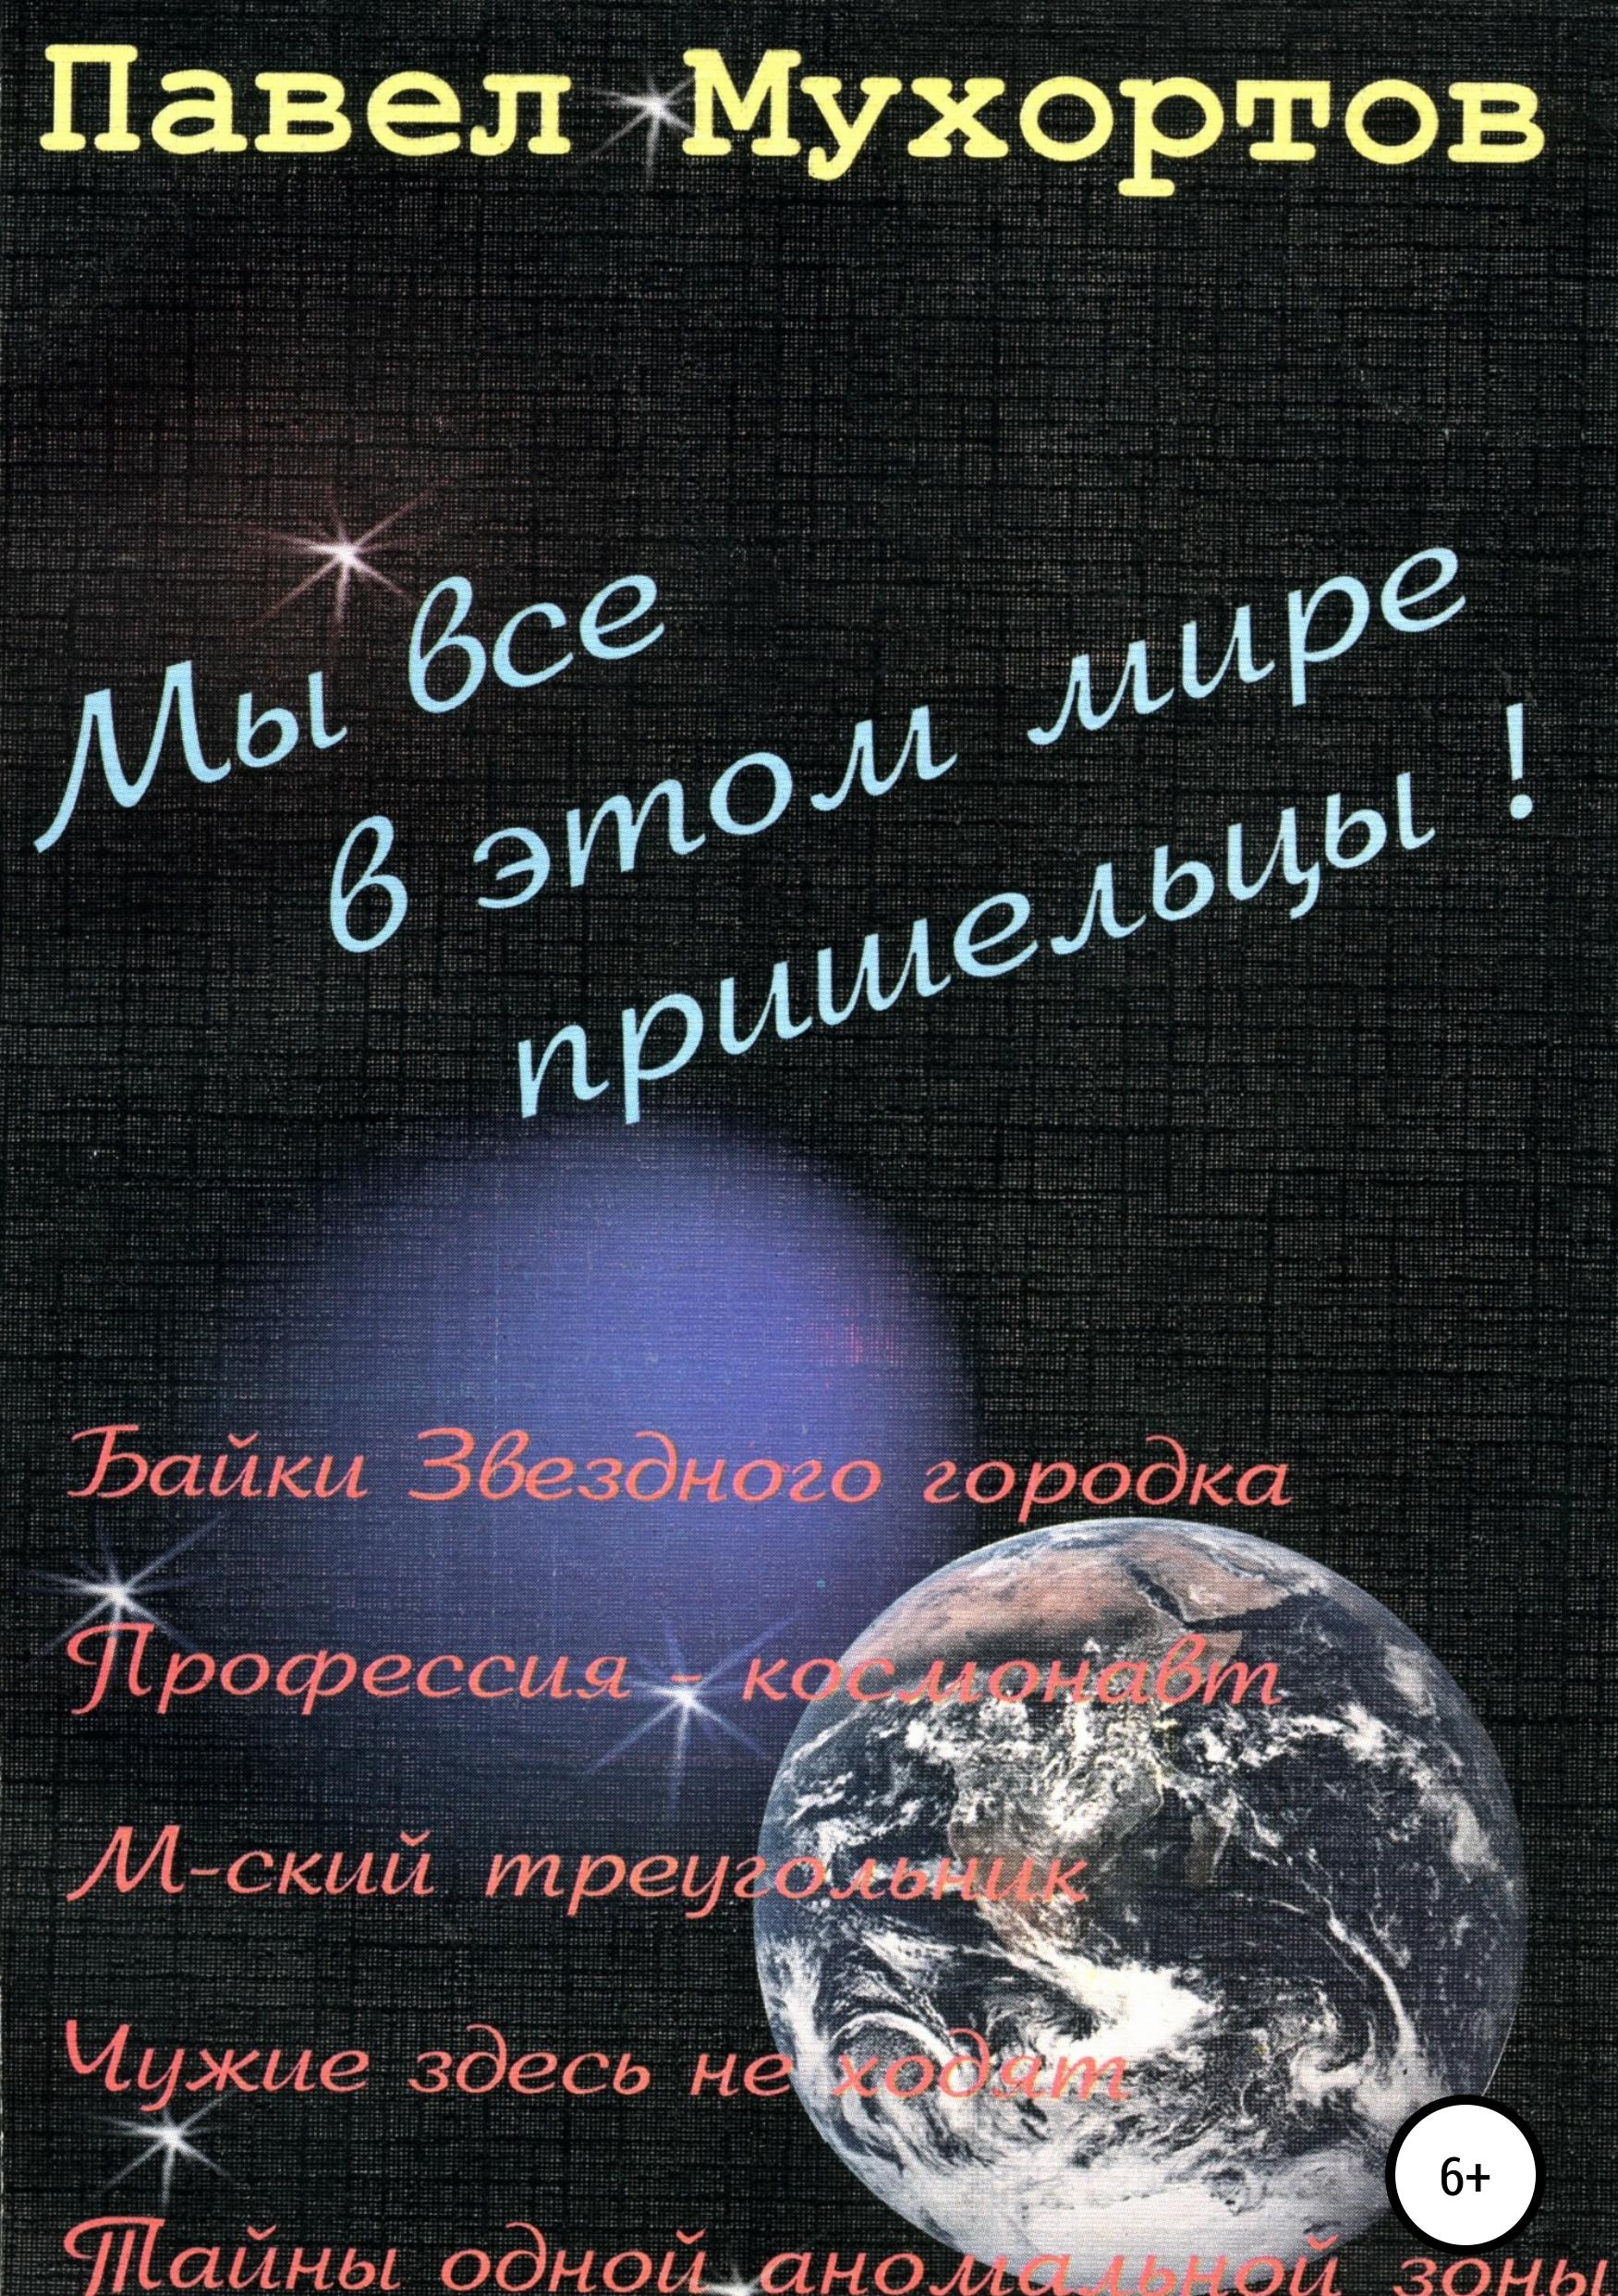 Мы все в этом мире пришельцы!